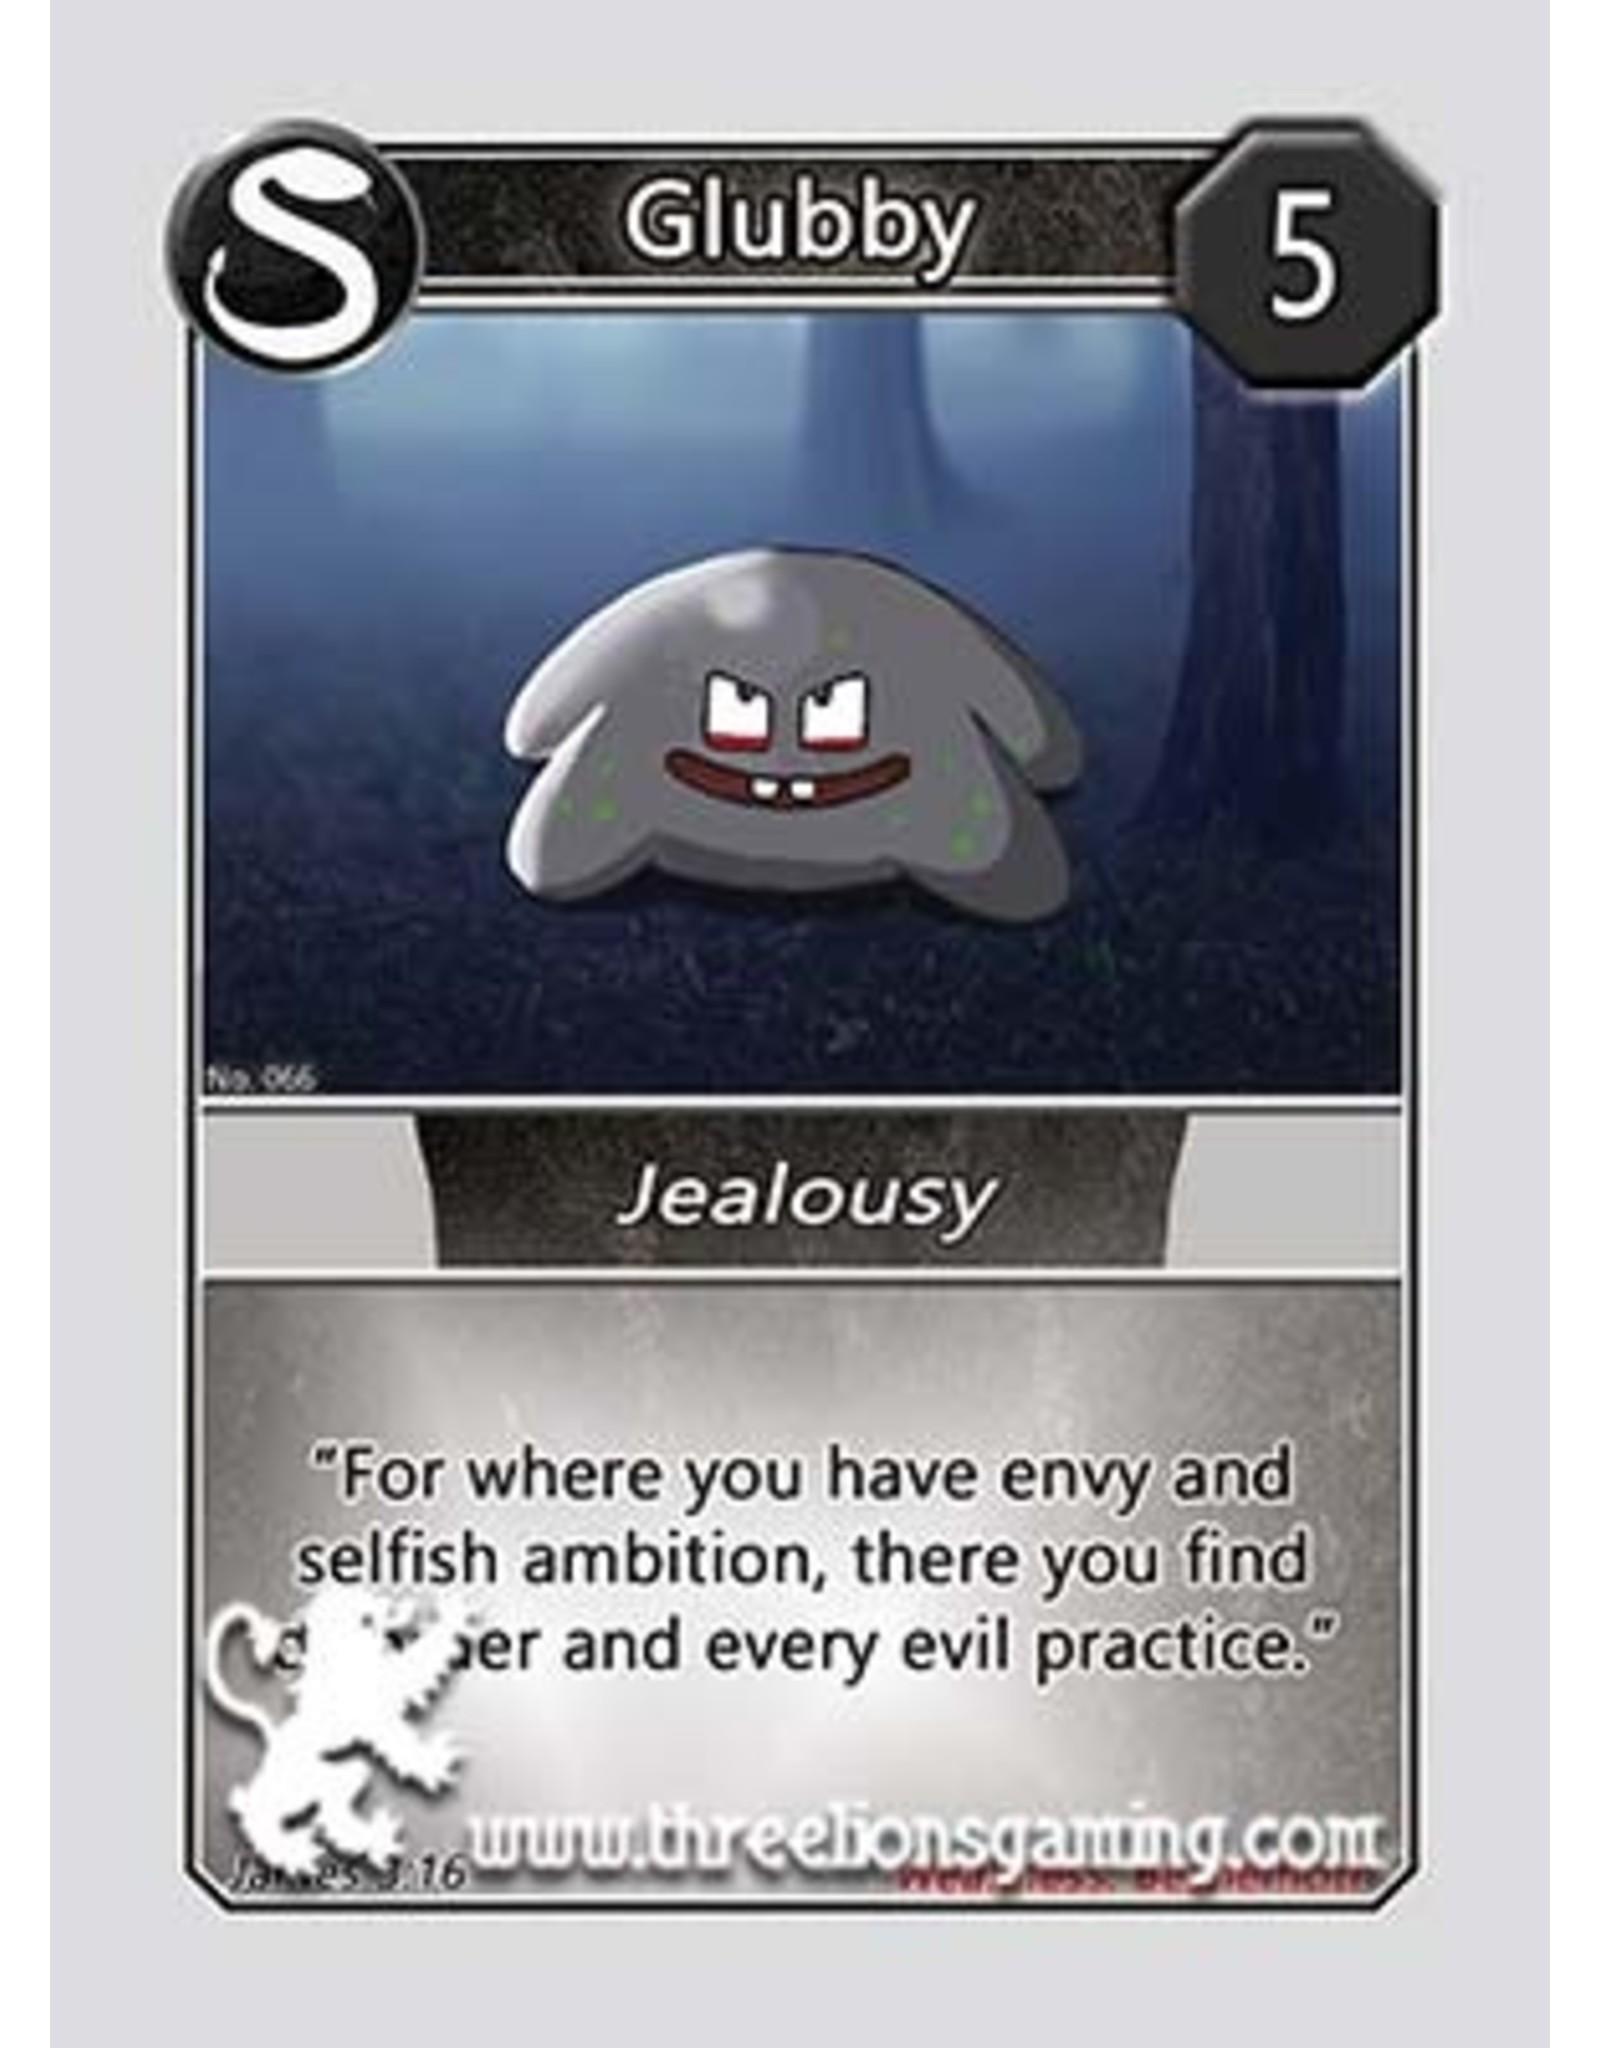 S1: Glubby